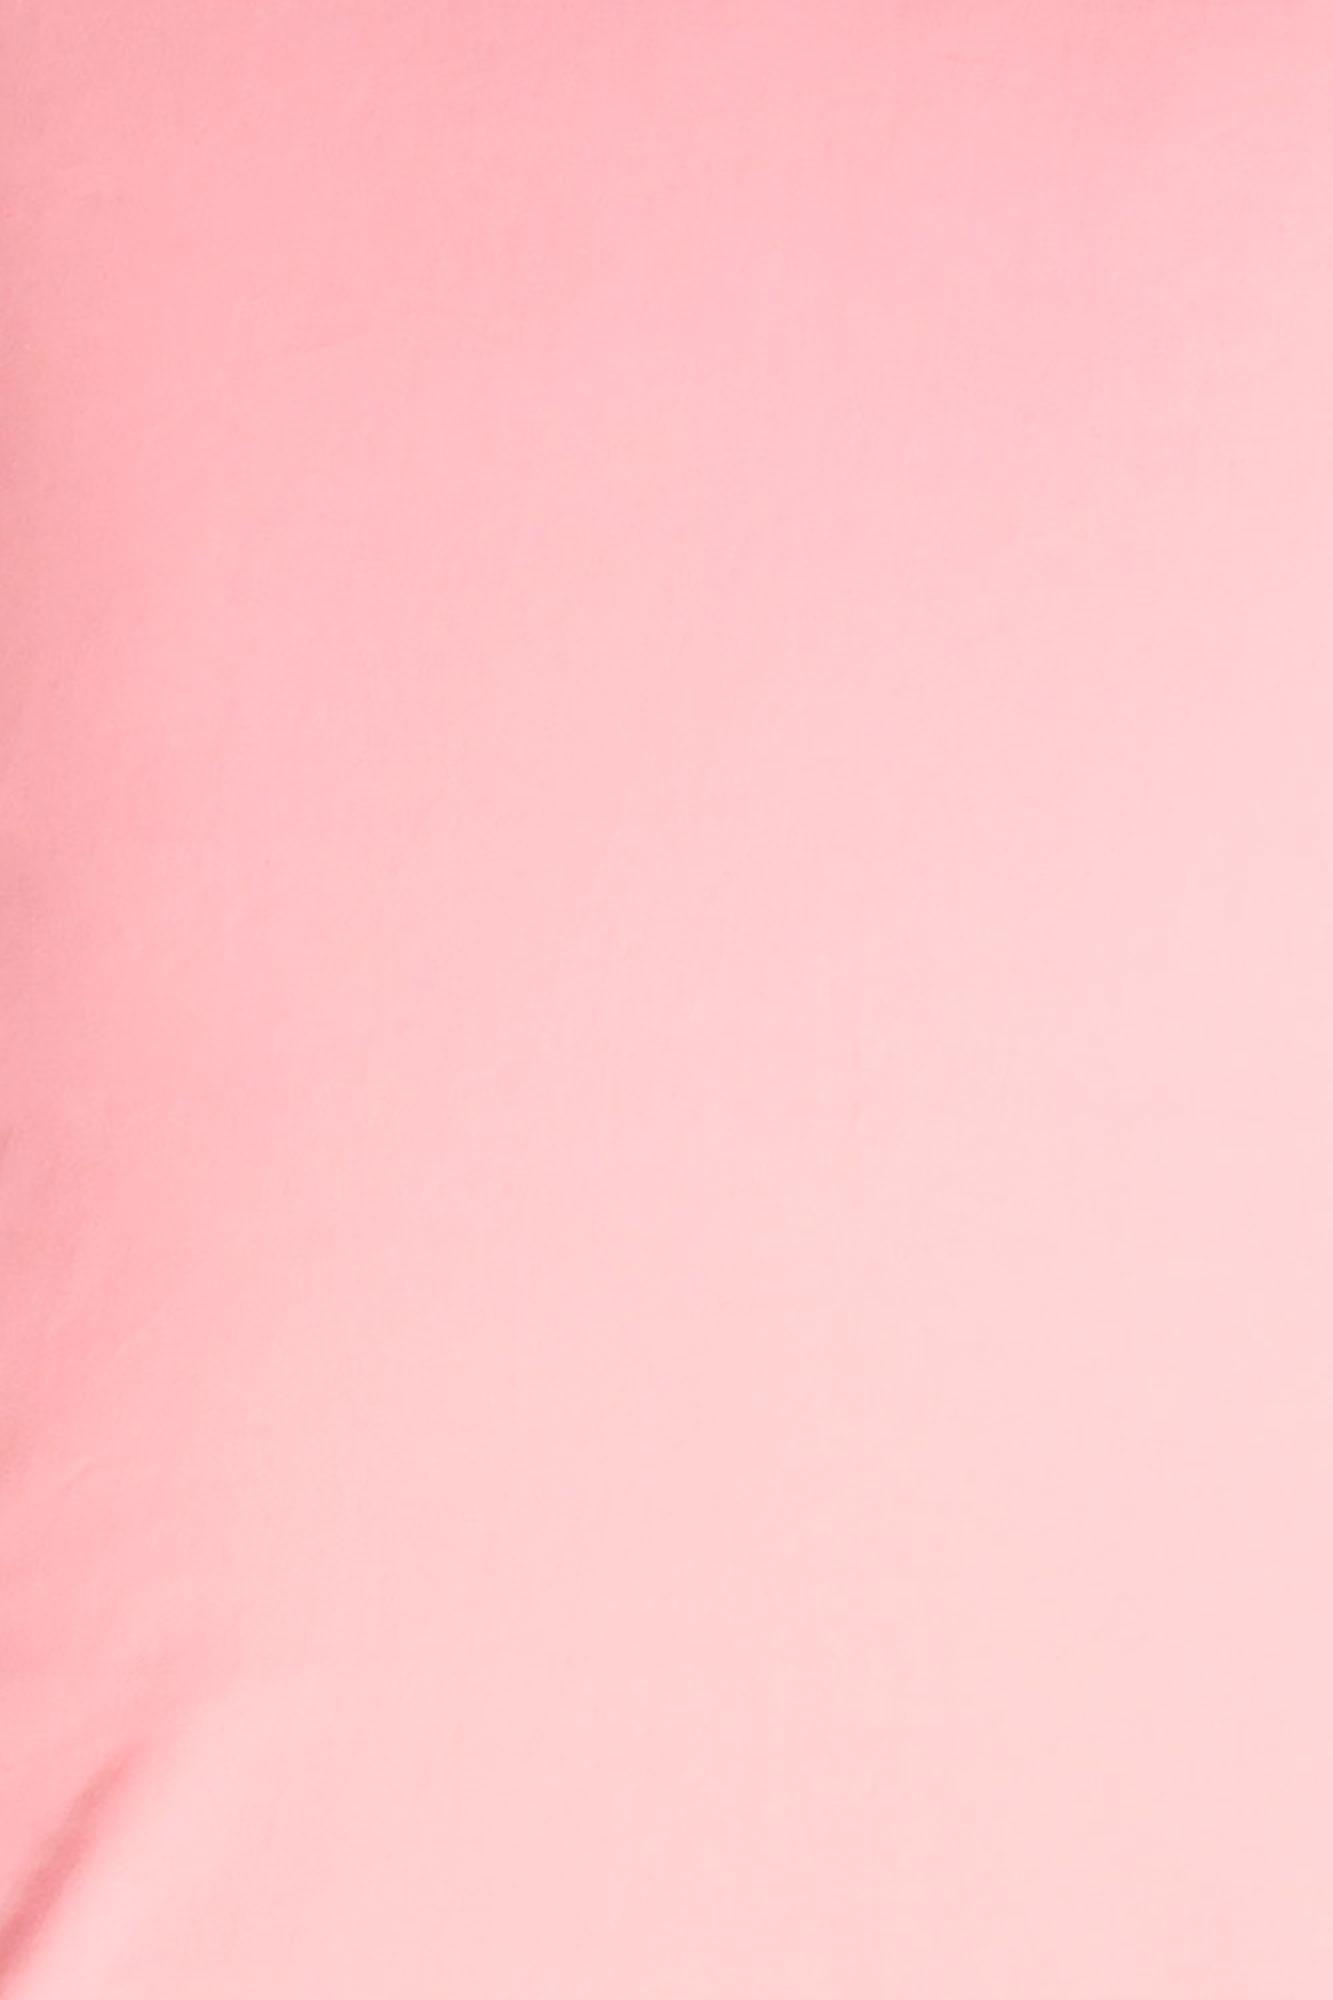 Lençol de elástico berço Rosa algodão doce (sarja)